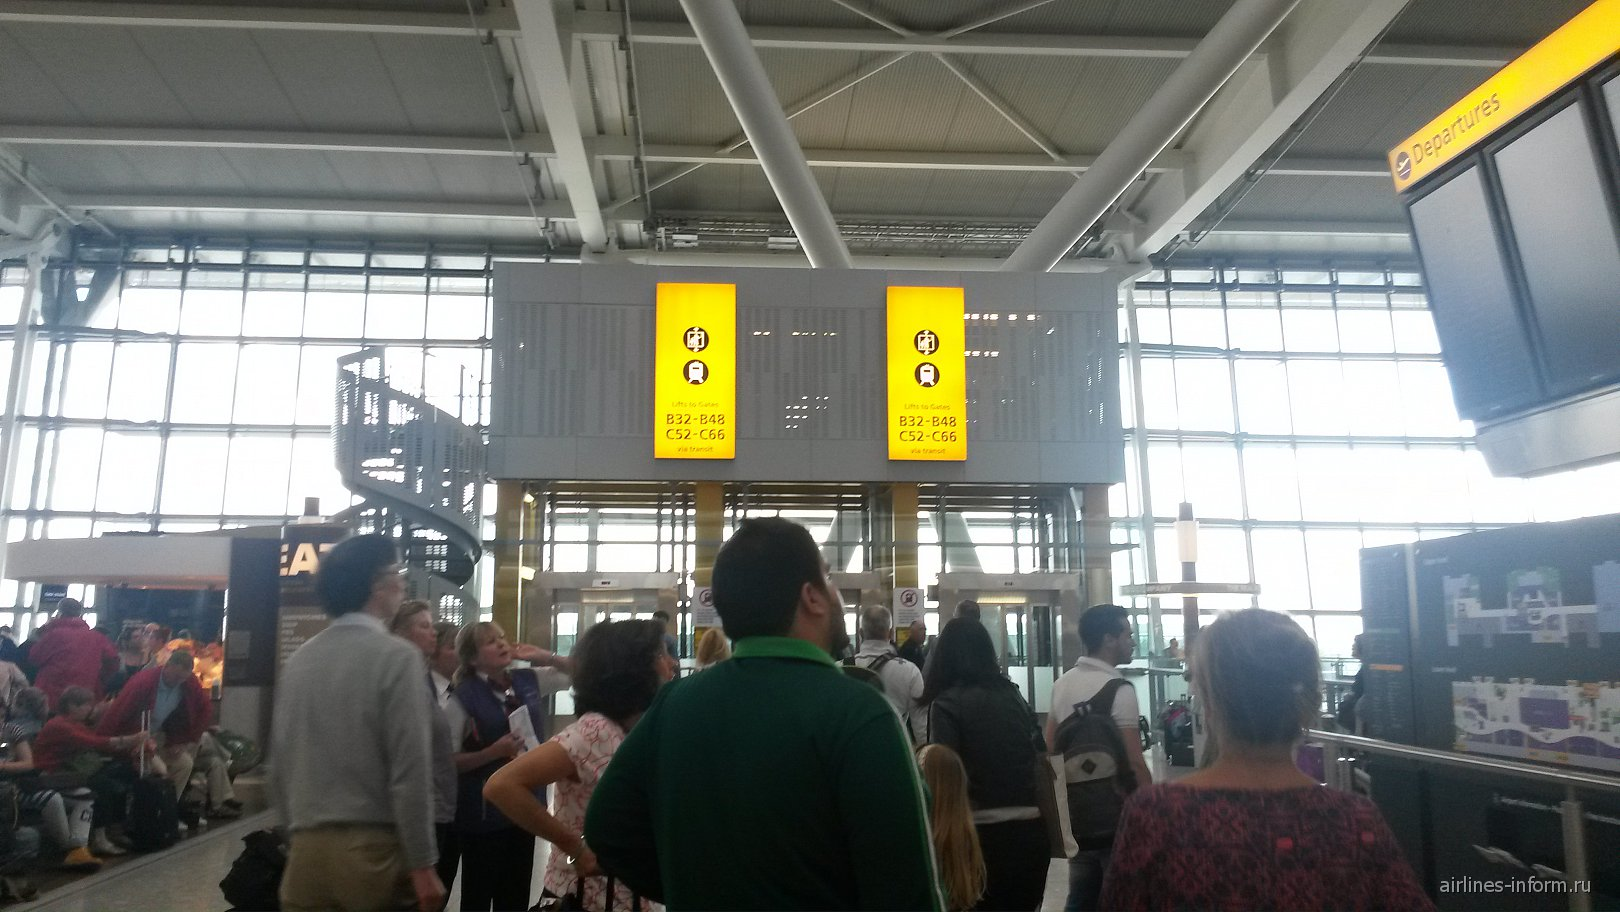 Аэропорт Лондон Хитроу